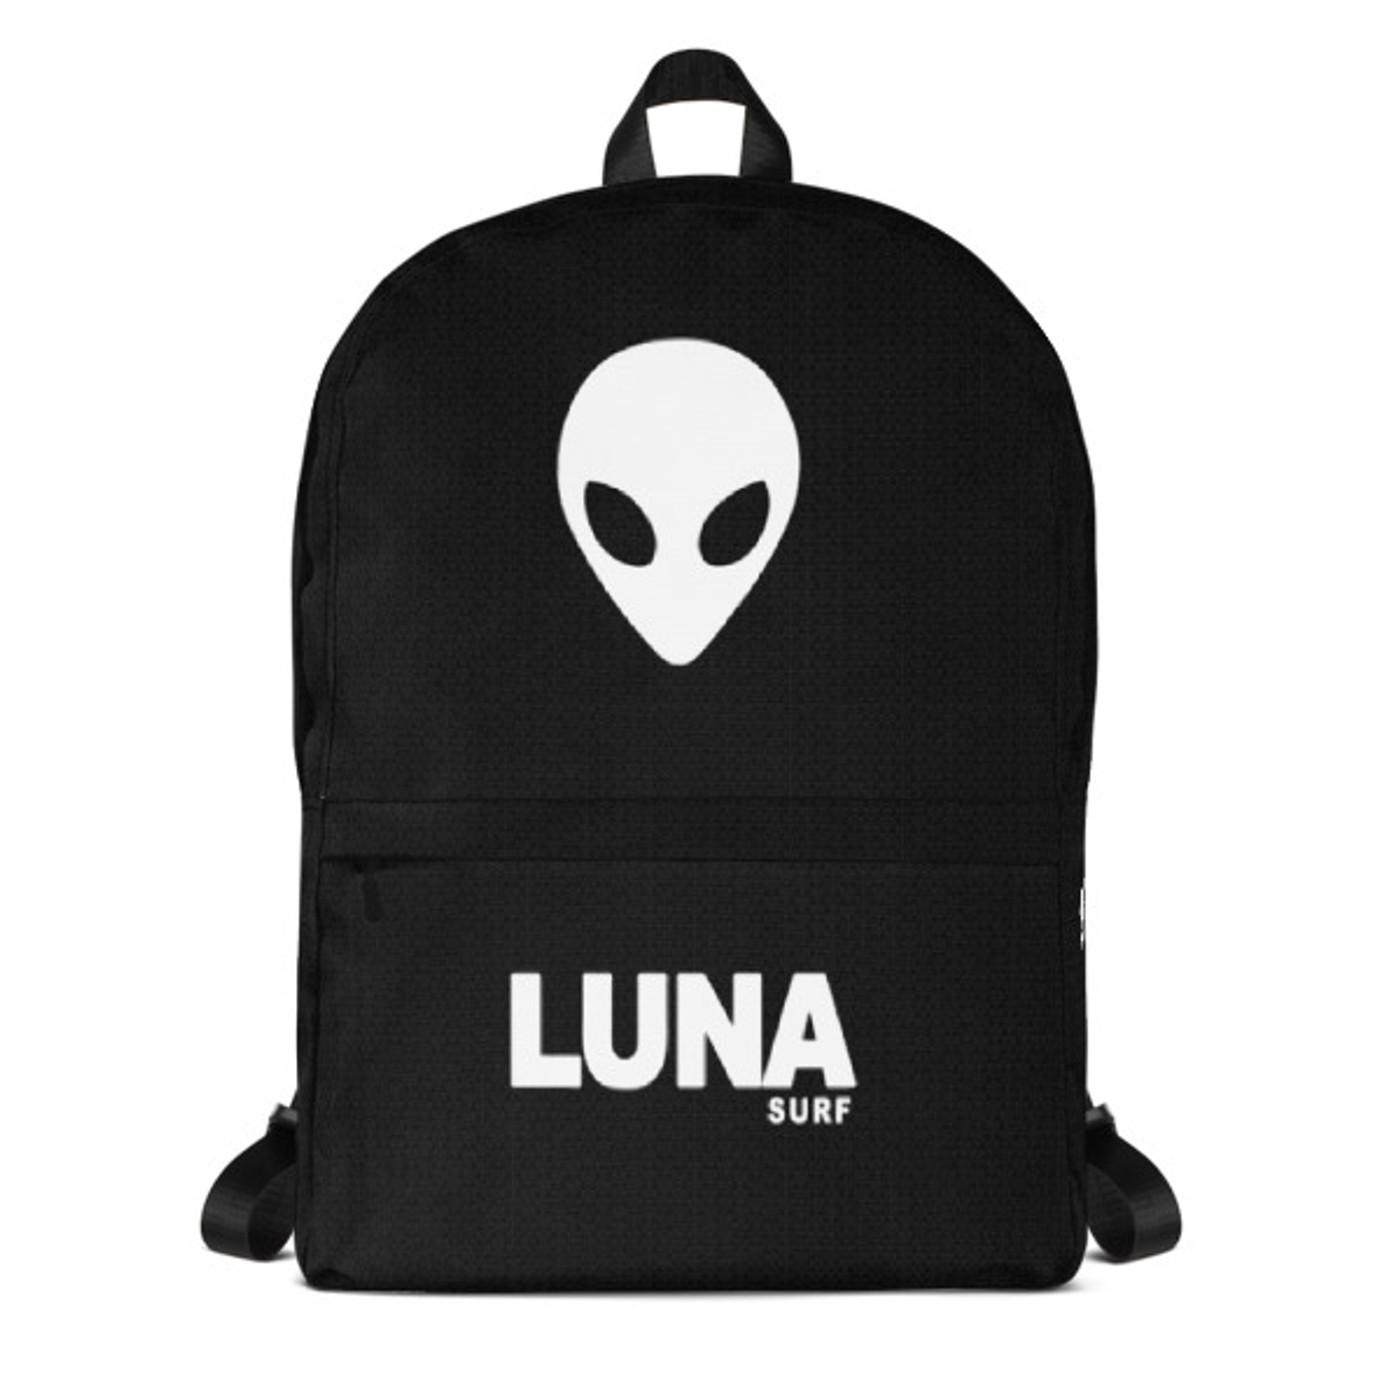 Lunasurf Logo Backpack